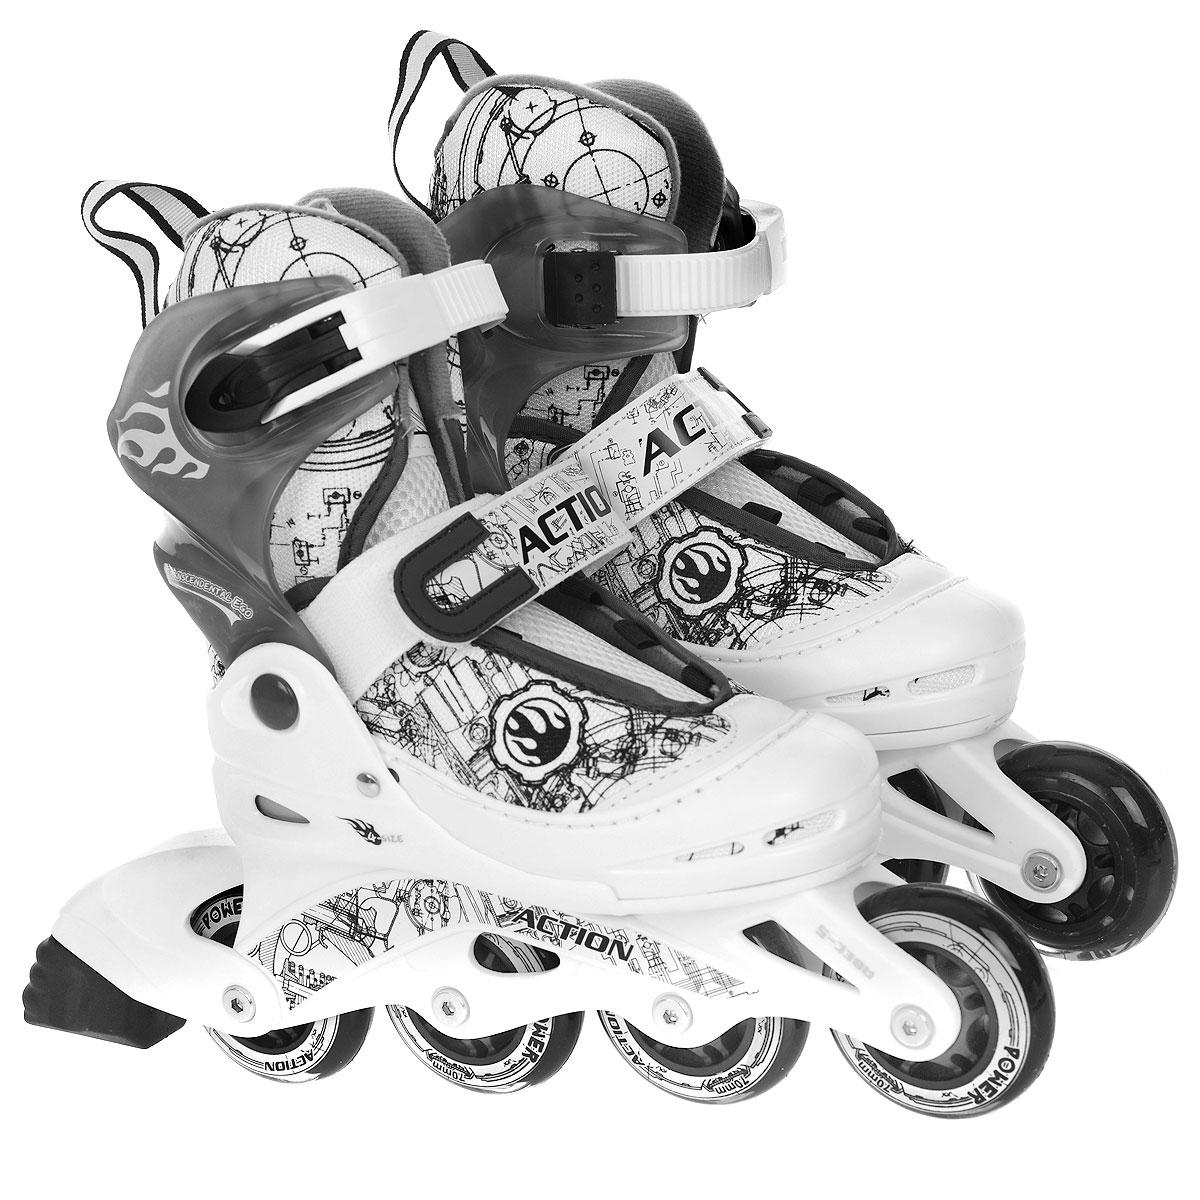 Коньки роликовые Action PW-118, раздвижные, цвет: белый, серый. Размер 26/29PW-118Раздвижные роликовые коньки Action PW-118 предназначены для любительского катания. Коньки имеют мягкий ботинок с раздвижным механизмом, что обеспечивает хорошую посадку и пластичность, а для еще более комфортного катания ботинки коньков оснащены классической системой шнуровки, клипсой с фиксатором, ремешком на липучке и пяточным ремнем. Облегченная, анатомически облегающая конструкция обеспечивает улучшенную боковую поддержку и полный контроль над движением.Стельки роликов выполнены из двух материалов: базовый для обеспечения формы стельки; дополнительный - покрытие стельки мягким материалом для удобного одевания и комфорта. Рама изготовлена из пластика, а колеса из полиуретана с карбоновыми подшипниками ABEC5. В каждой модели роликов есть тормоз.Роликовые коньки - это прекрасная возможность активного время провождения, отличный способ снять напряжение после трудового дня, пообщаться с друзьями, завести новые знакомства и повысить свою самооценку. При выборе роликовых коньков следует заботиться не о цвете, внешнем виде или фирме-производителе, а о том, чтобы вам и вашему ребенку было удобно и комфортно в выбранной модели, и чтобы нога надежно и плотно фиксировалась в коньке, но в то же время ее ничто не стягивало. Нельзя покупать ролики на пять размеров больше, но и нельзя покупать размер в размер. Ролики должны быть на один, максимум два размера больше ноги. УВАЖАЕМЫЕ КЛИЕНТЫ!Обращаем ваше внимание на различие в количестве колес в зависимости от размеров роликов: ролики размером 26/29 поставляются с 3 колесами, ролики остальных размеров - с 4.